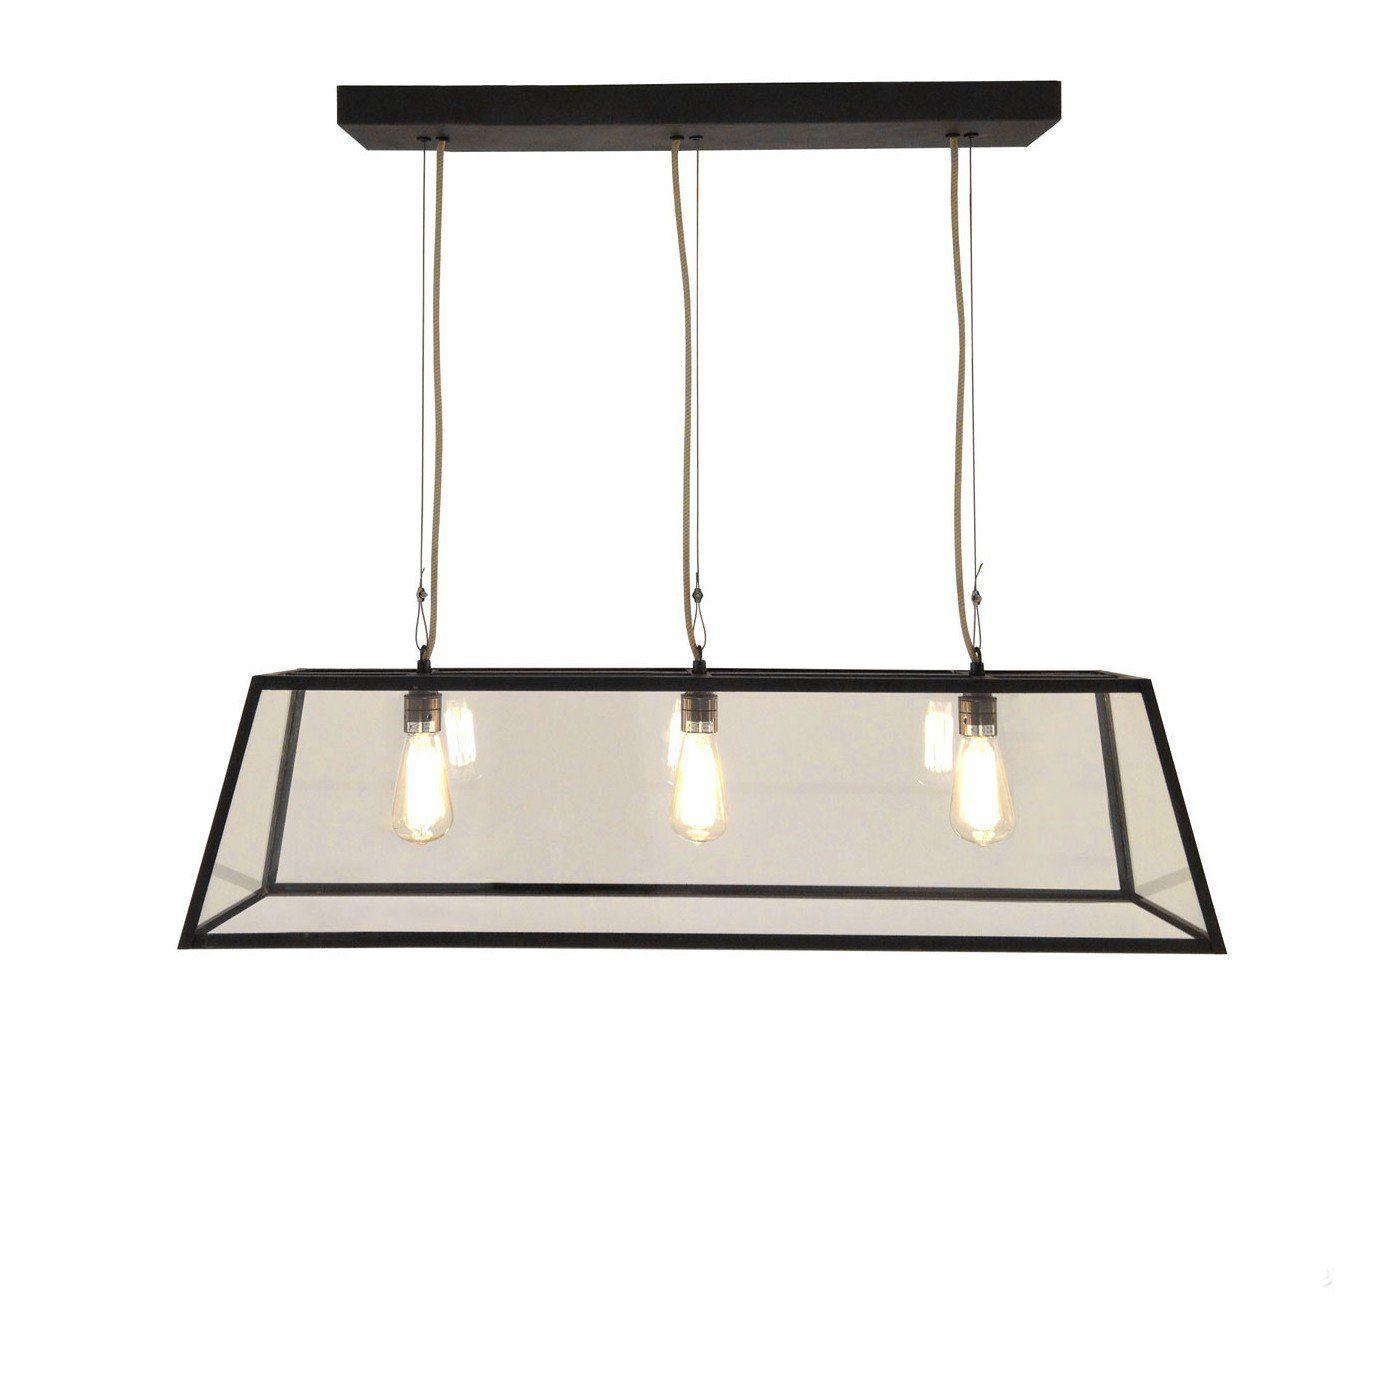 Davey Lighting Triangular Diner Pendant Light   Hytta   Pinterest